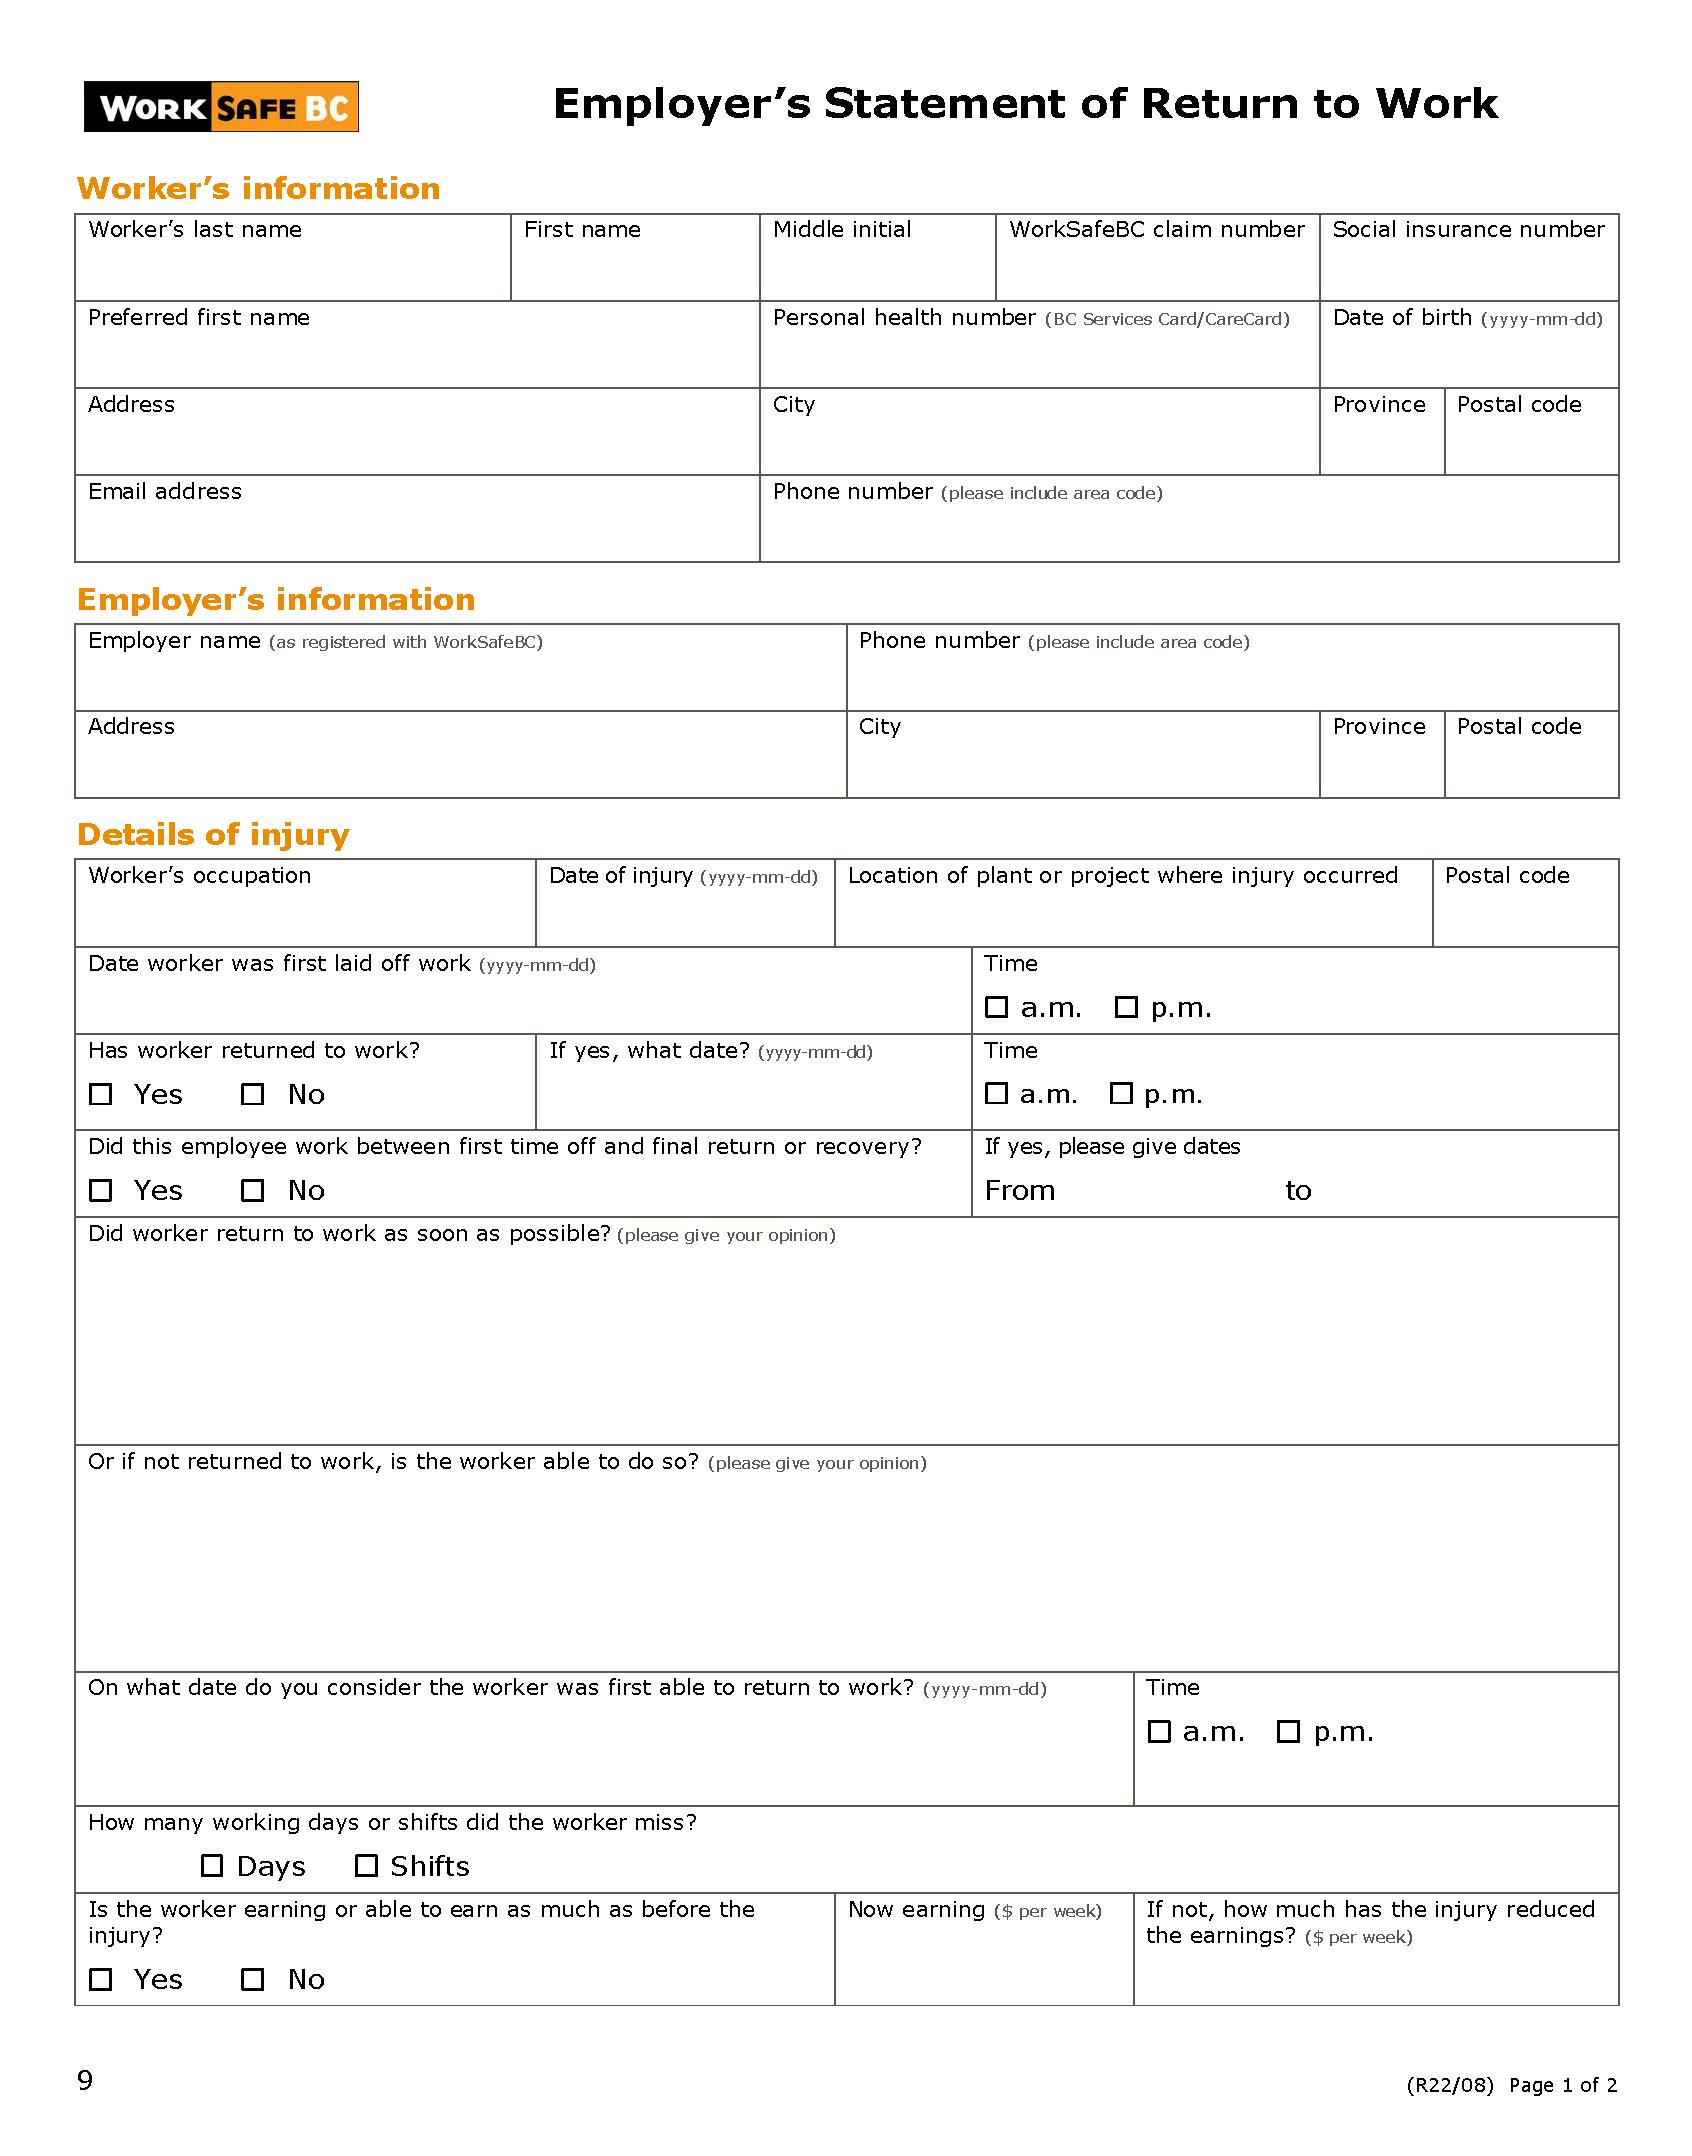 Worksafebc employers statement of return to work form 9 altavistaventures Choice Image